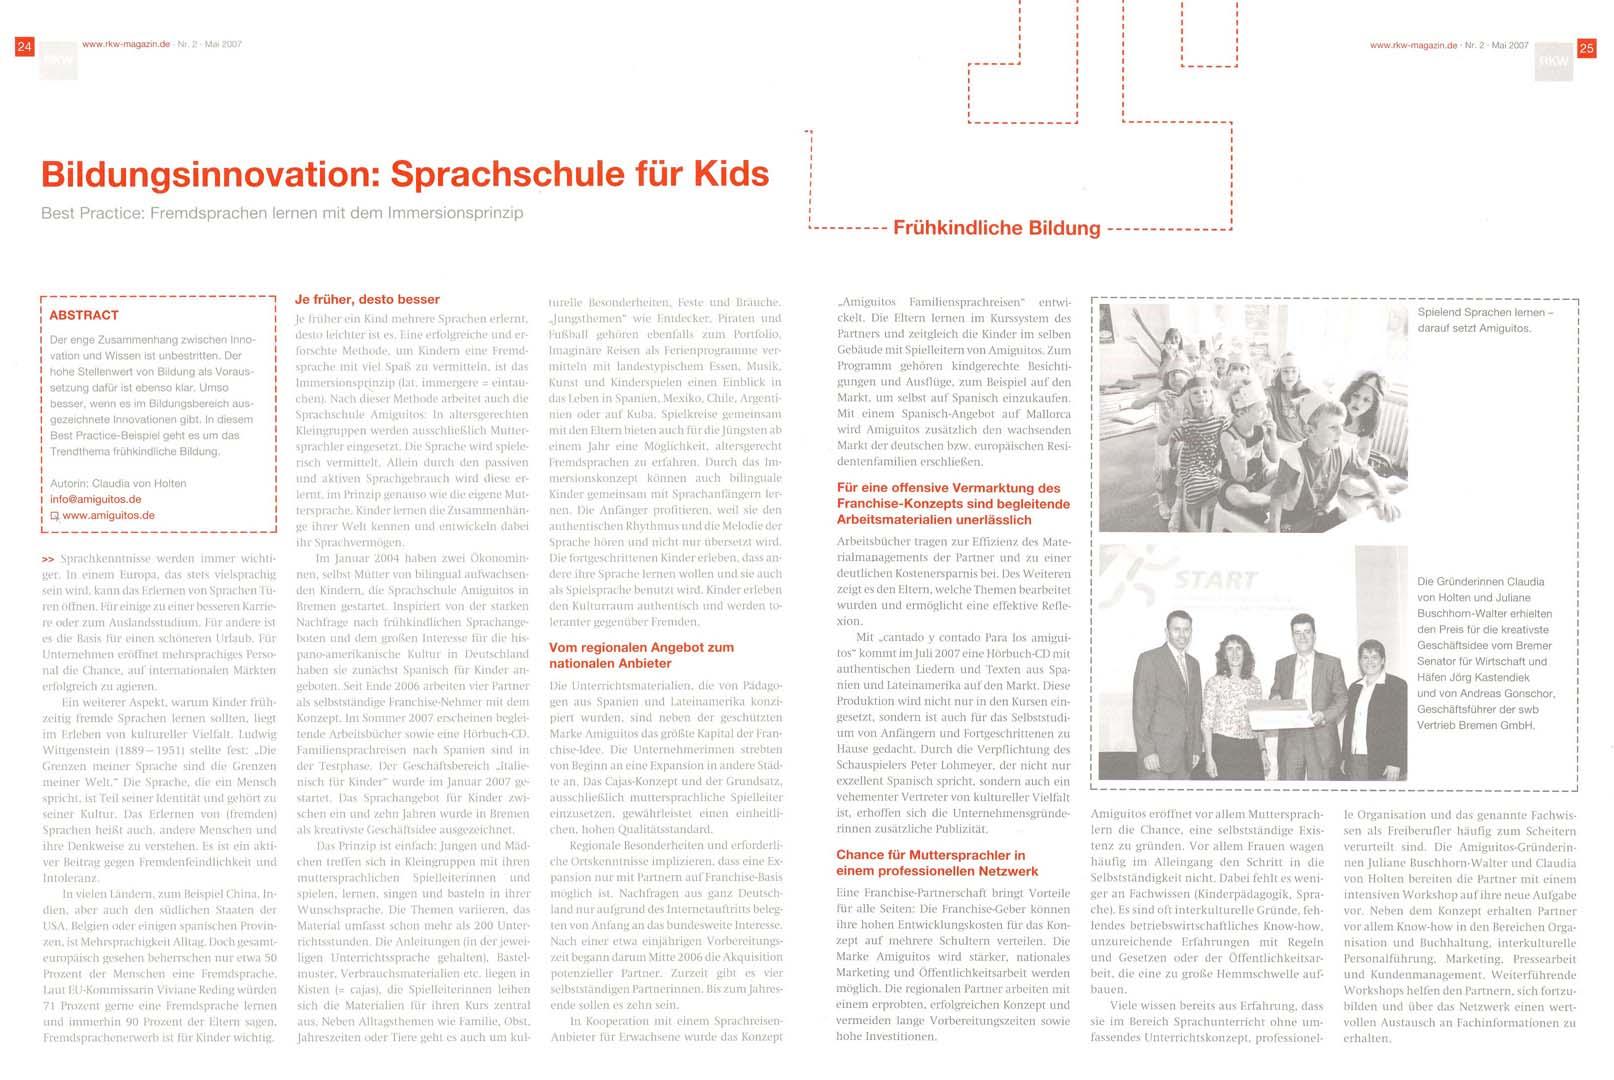 RKW Magazin 'Wissen und Weiterbildung', Mai 2007